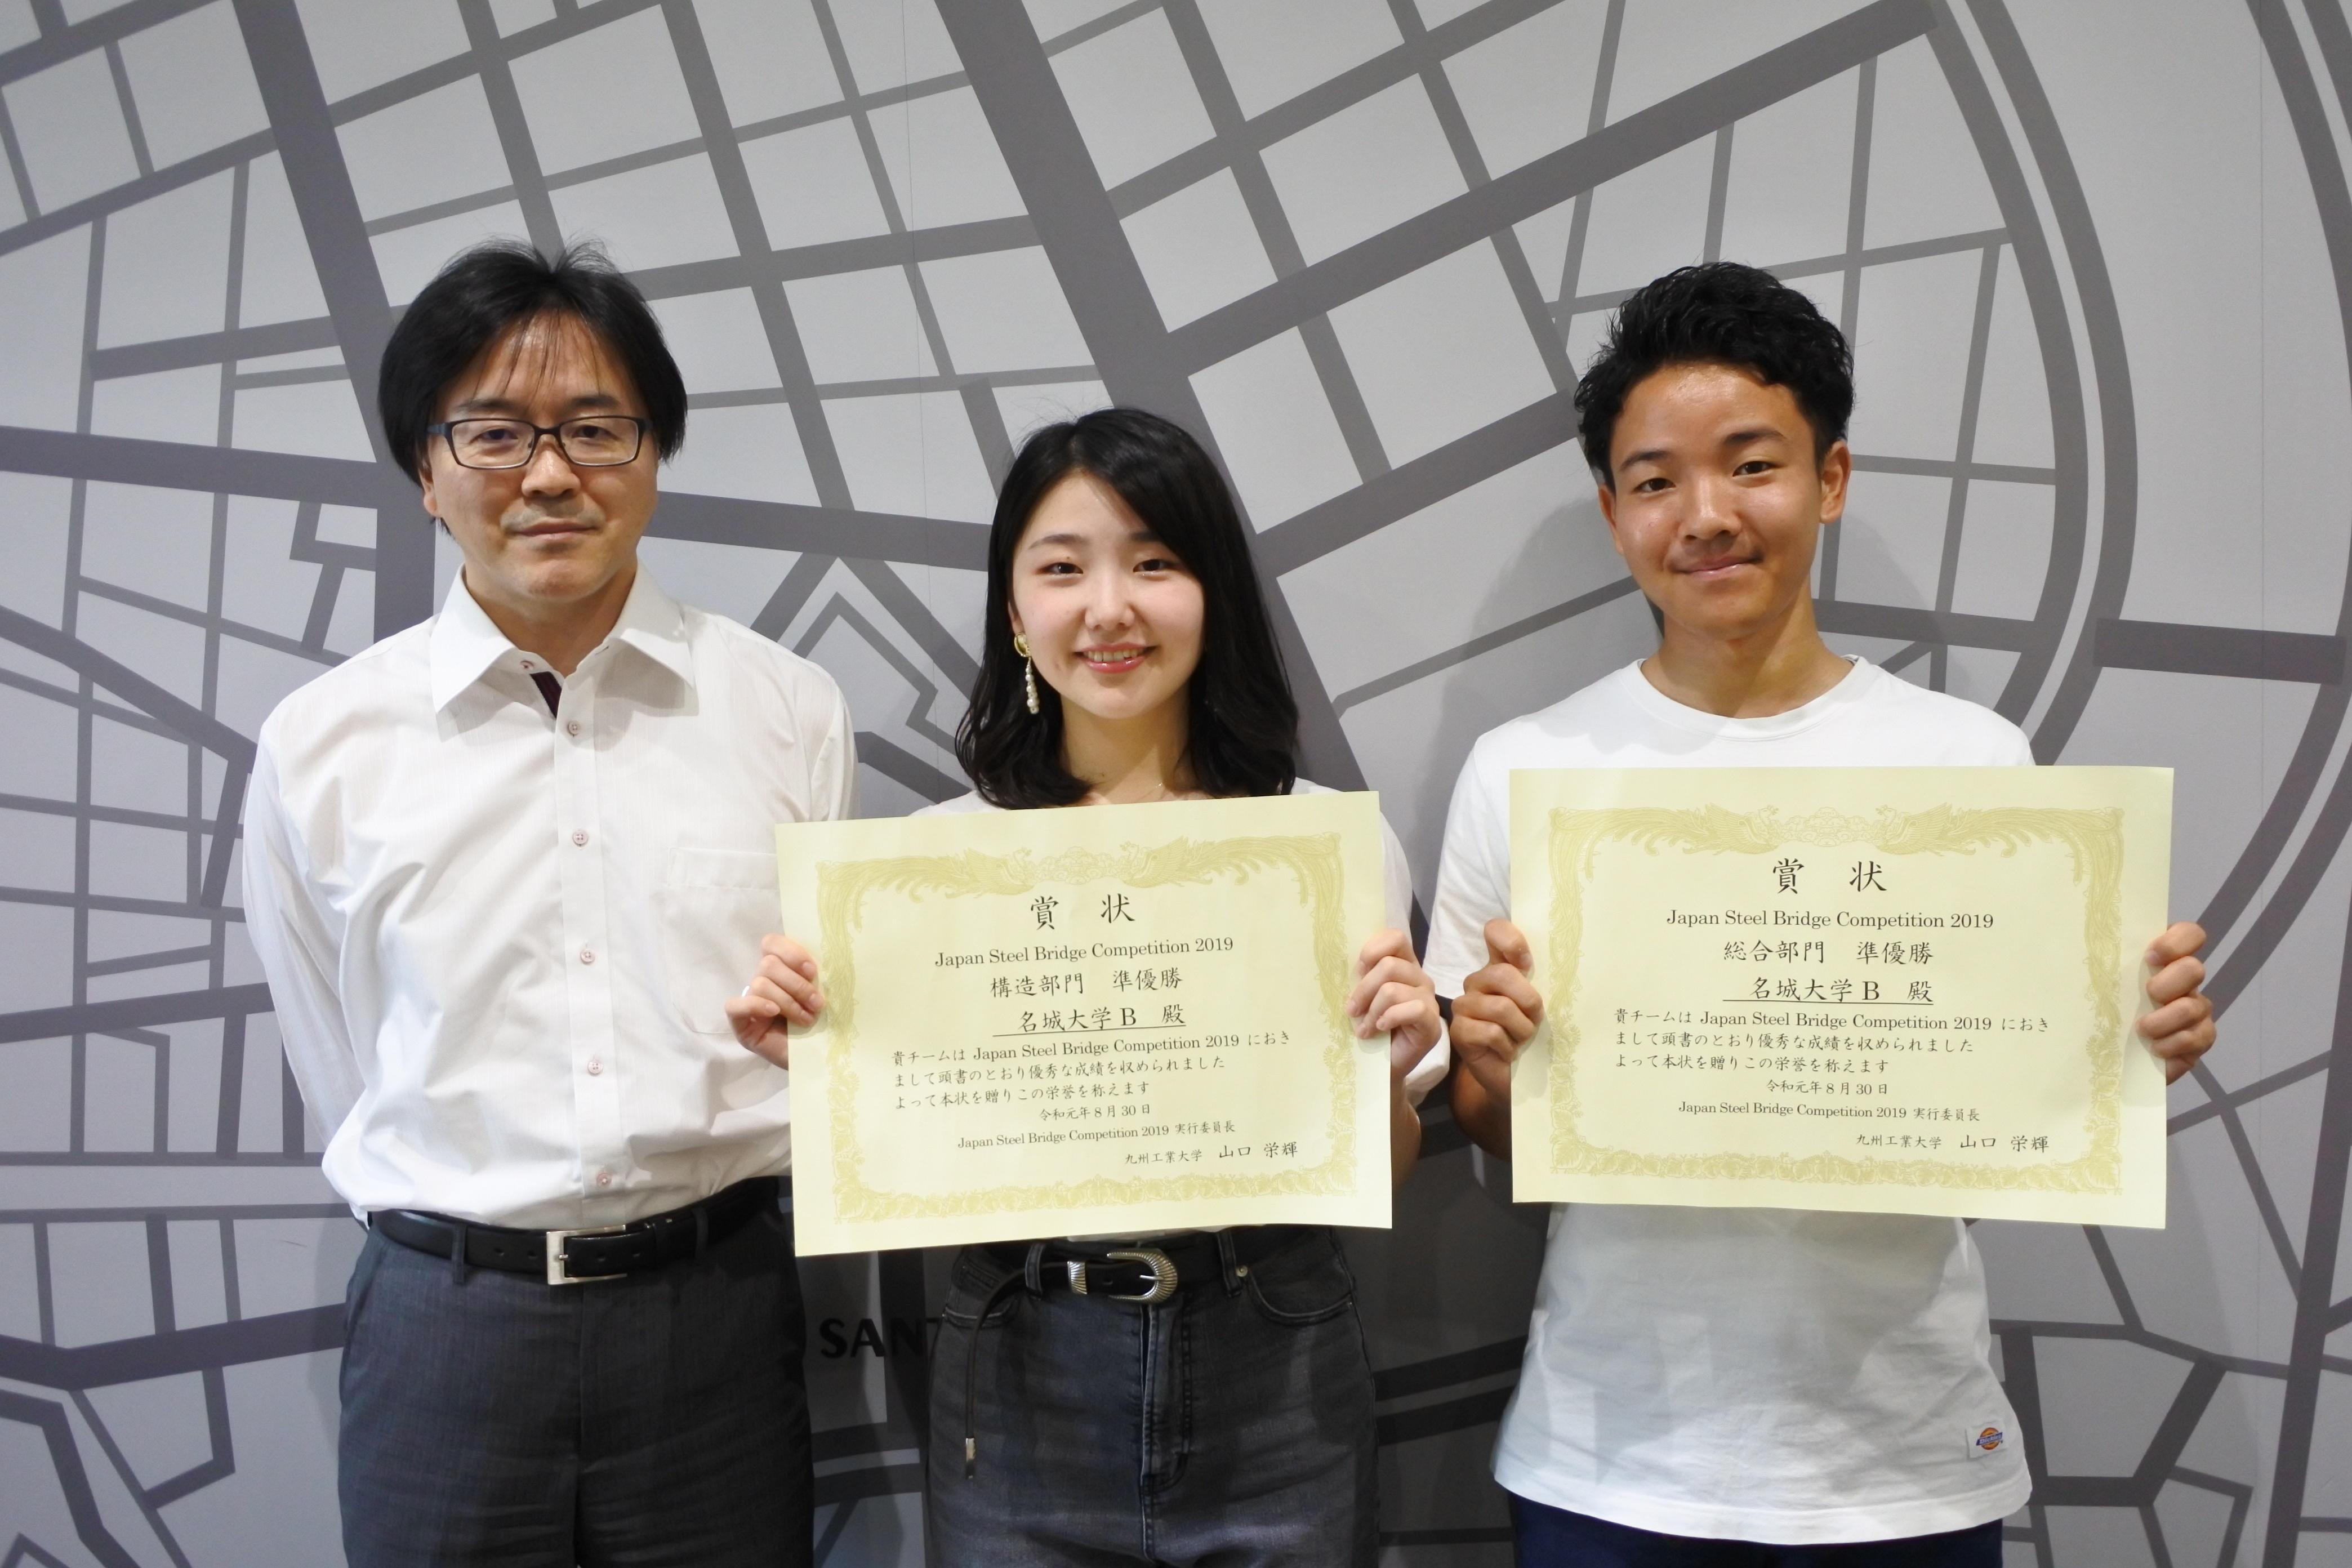 (左から)渡辺孝一准教授、サブリーダーの嶋菜乃子(なのこ)さん(3年)、リーダーの中西祥経(よしのり)さん(3年)